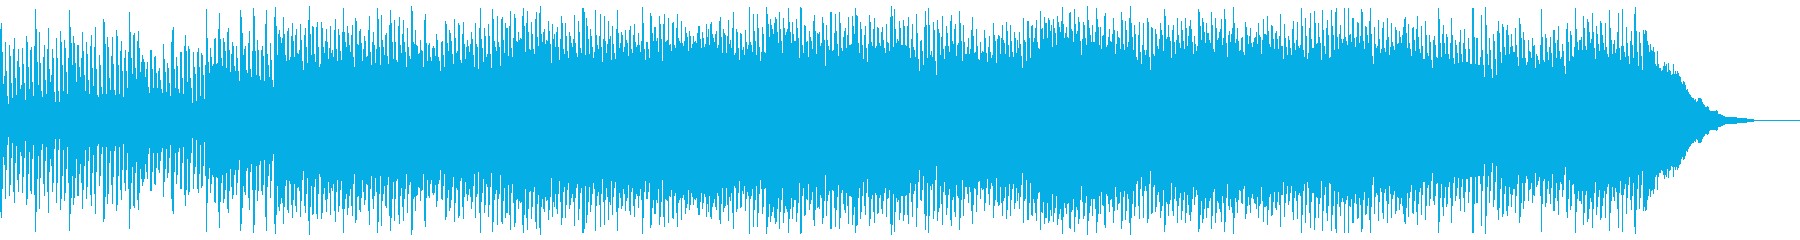 【ドラム・ベース抜き】映像BGMに最適…の再生済みの波形